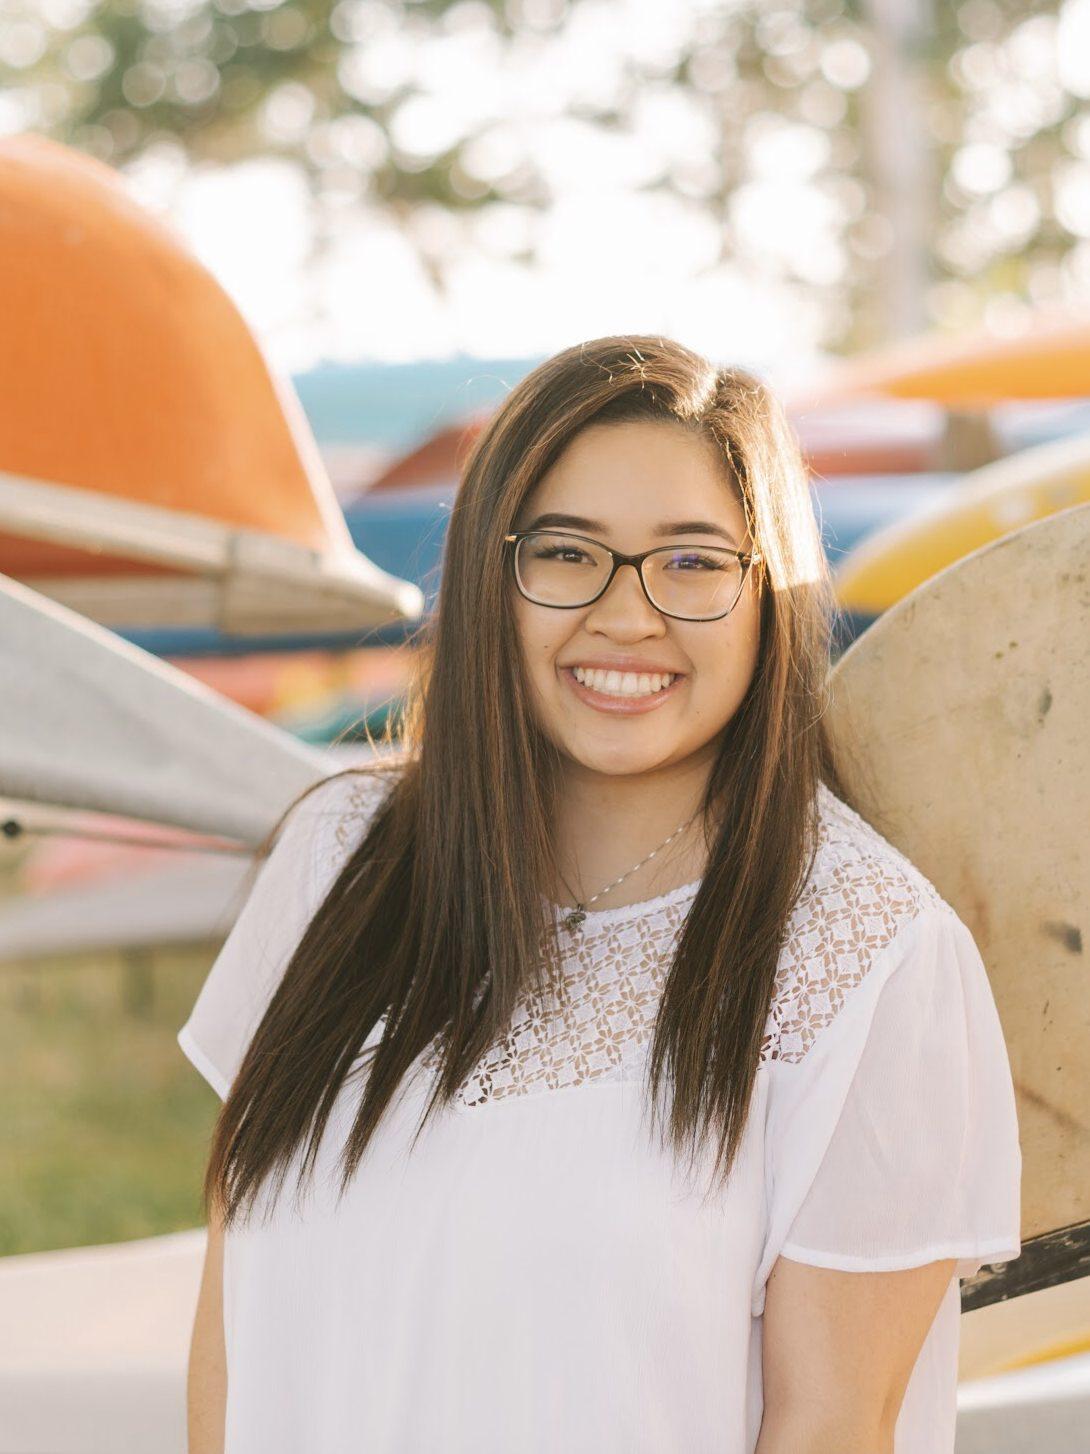 Vivian Smiling